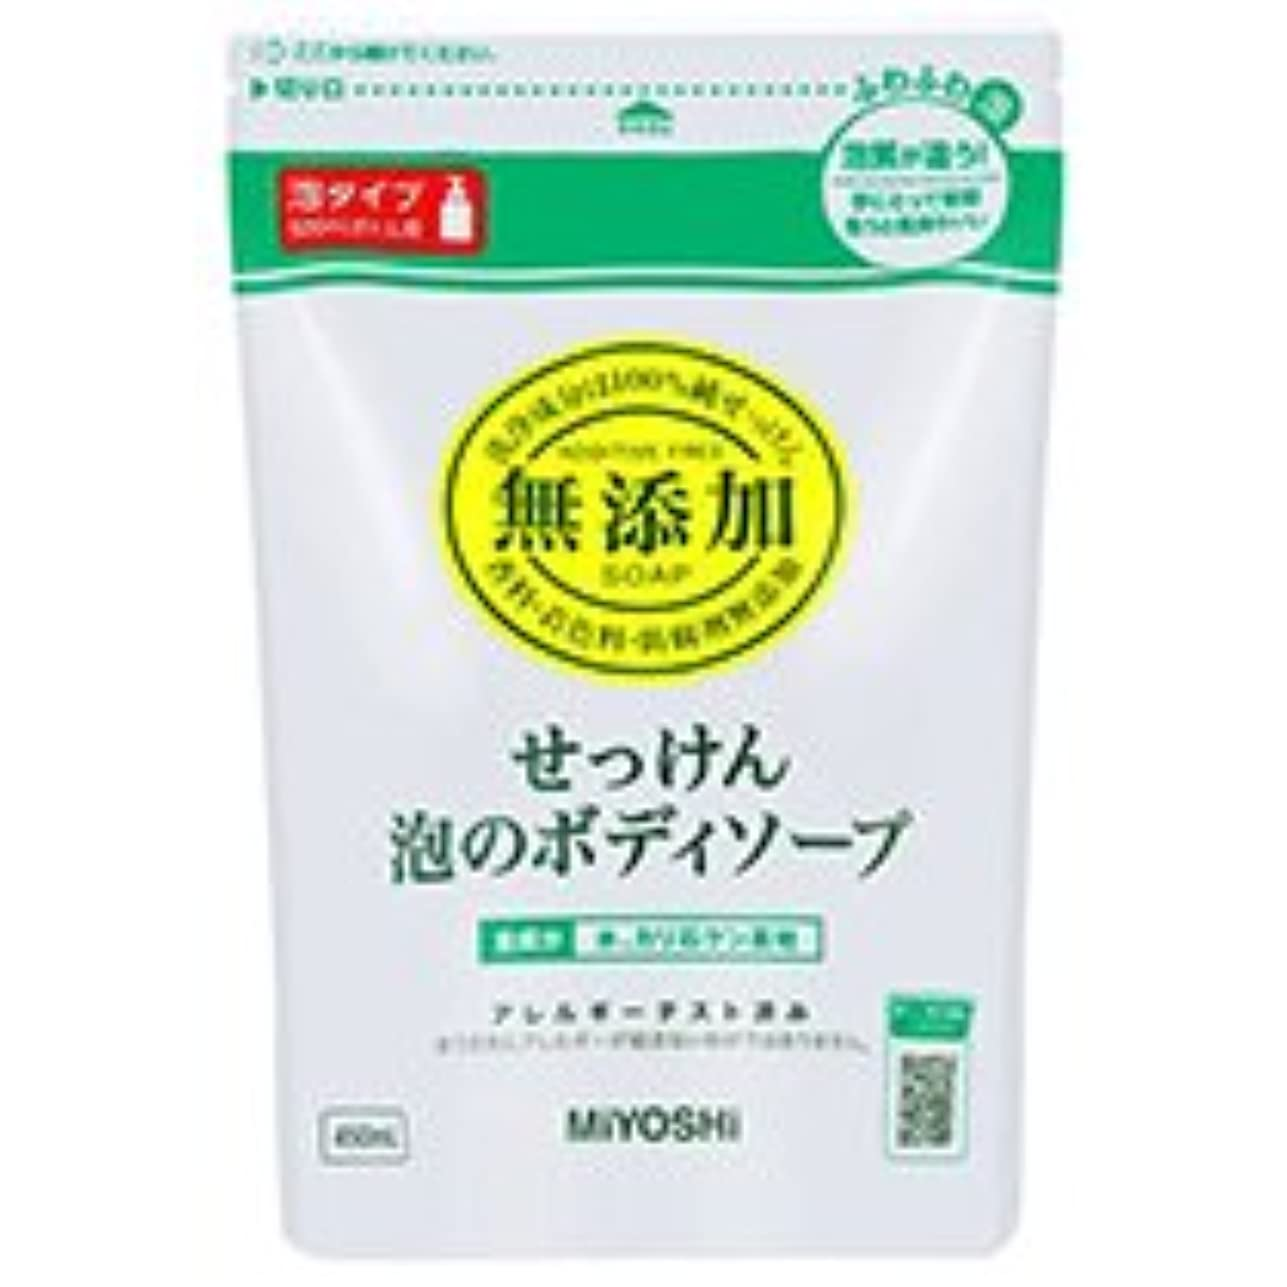 七面鳥夫目覚めるミヨシ石鹸 無添加せっけん 泡のボディソープ 詰替用 450ml 1個